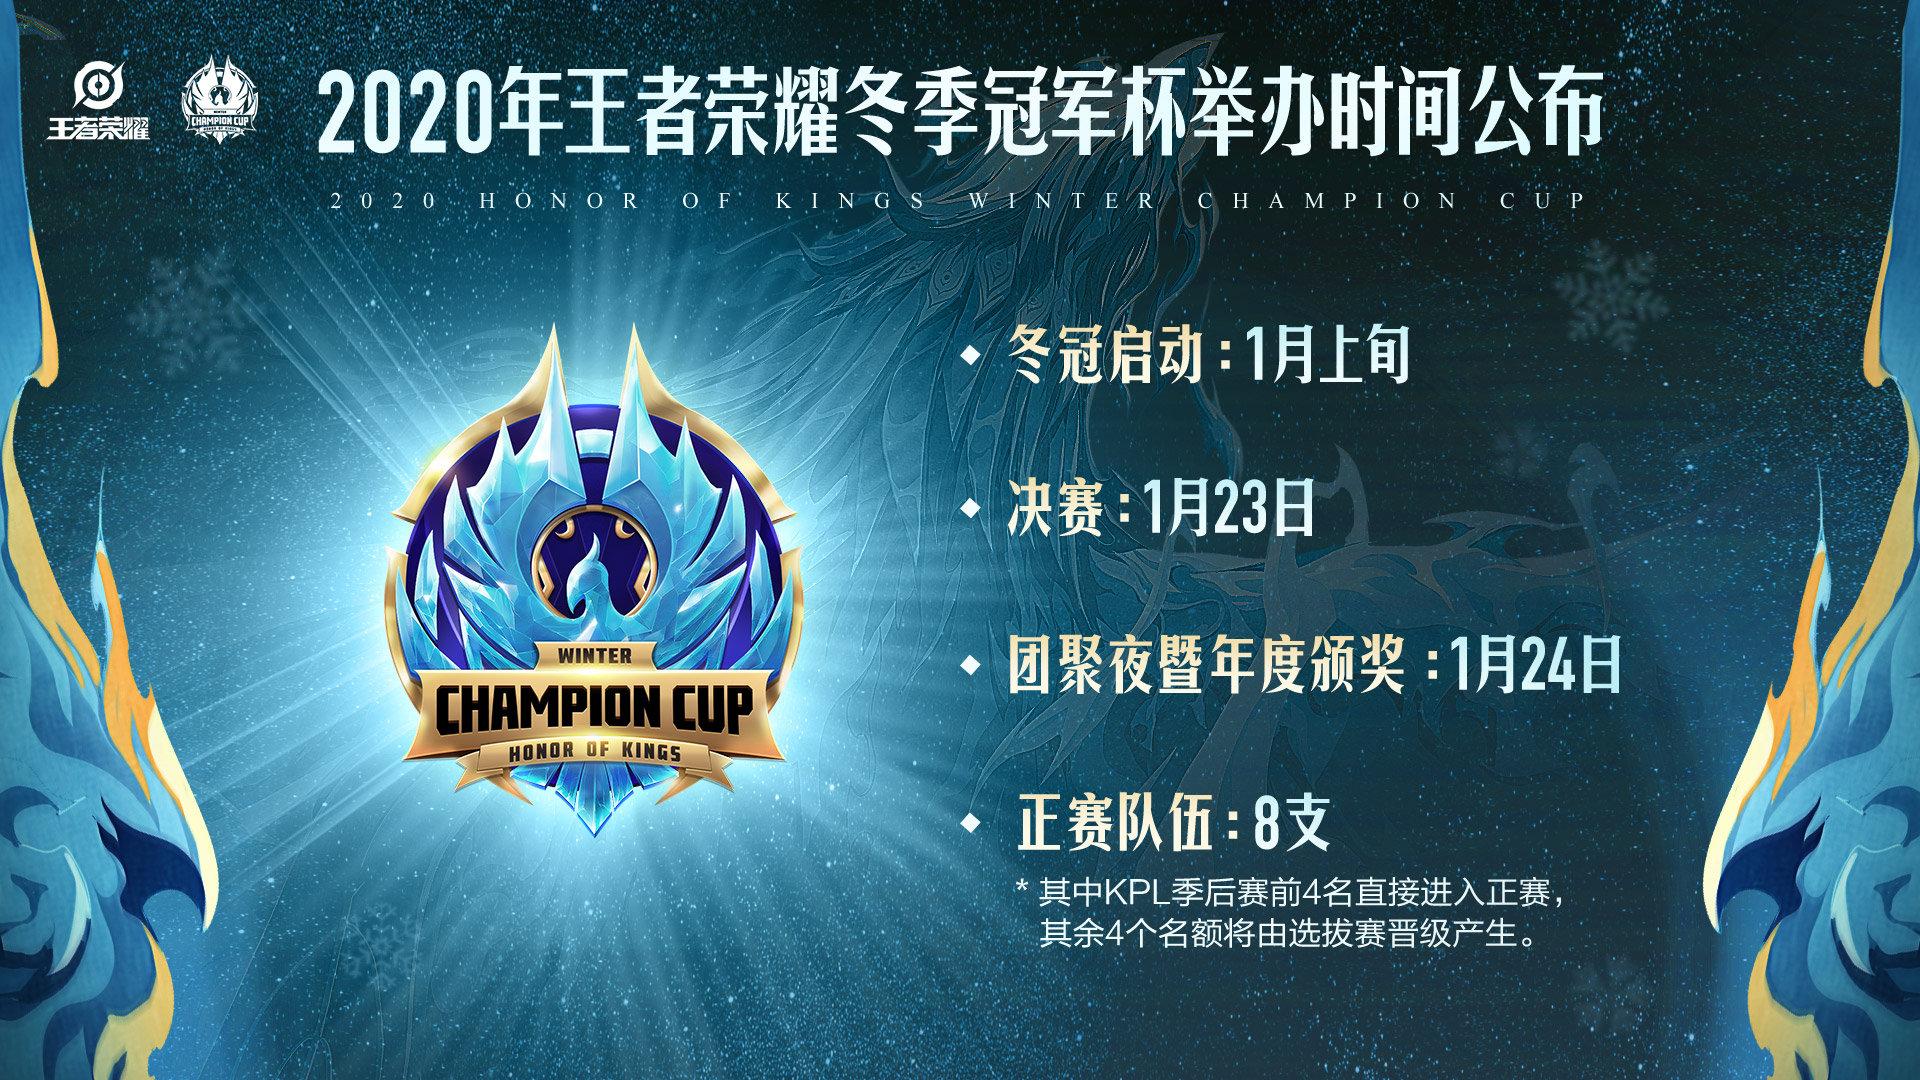 2020年王者荣耀冬冠杯明年1月开赛